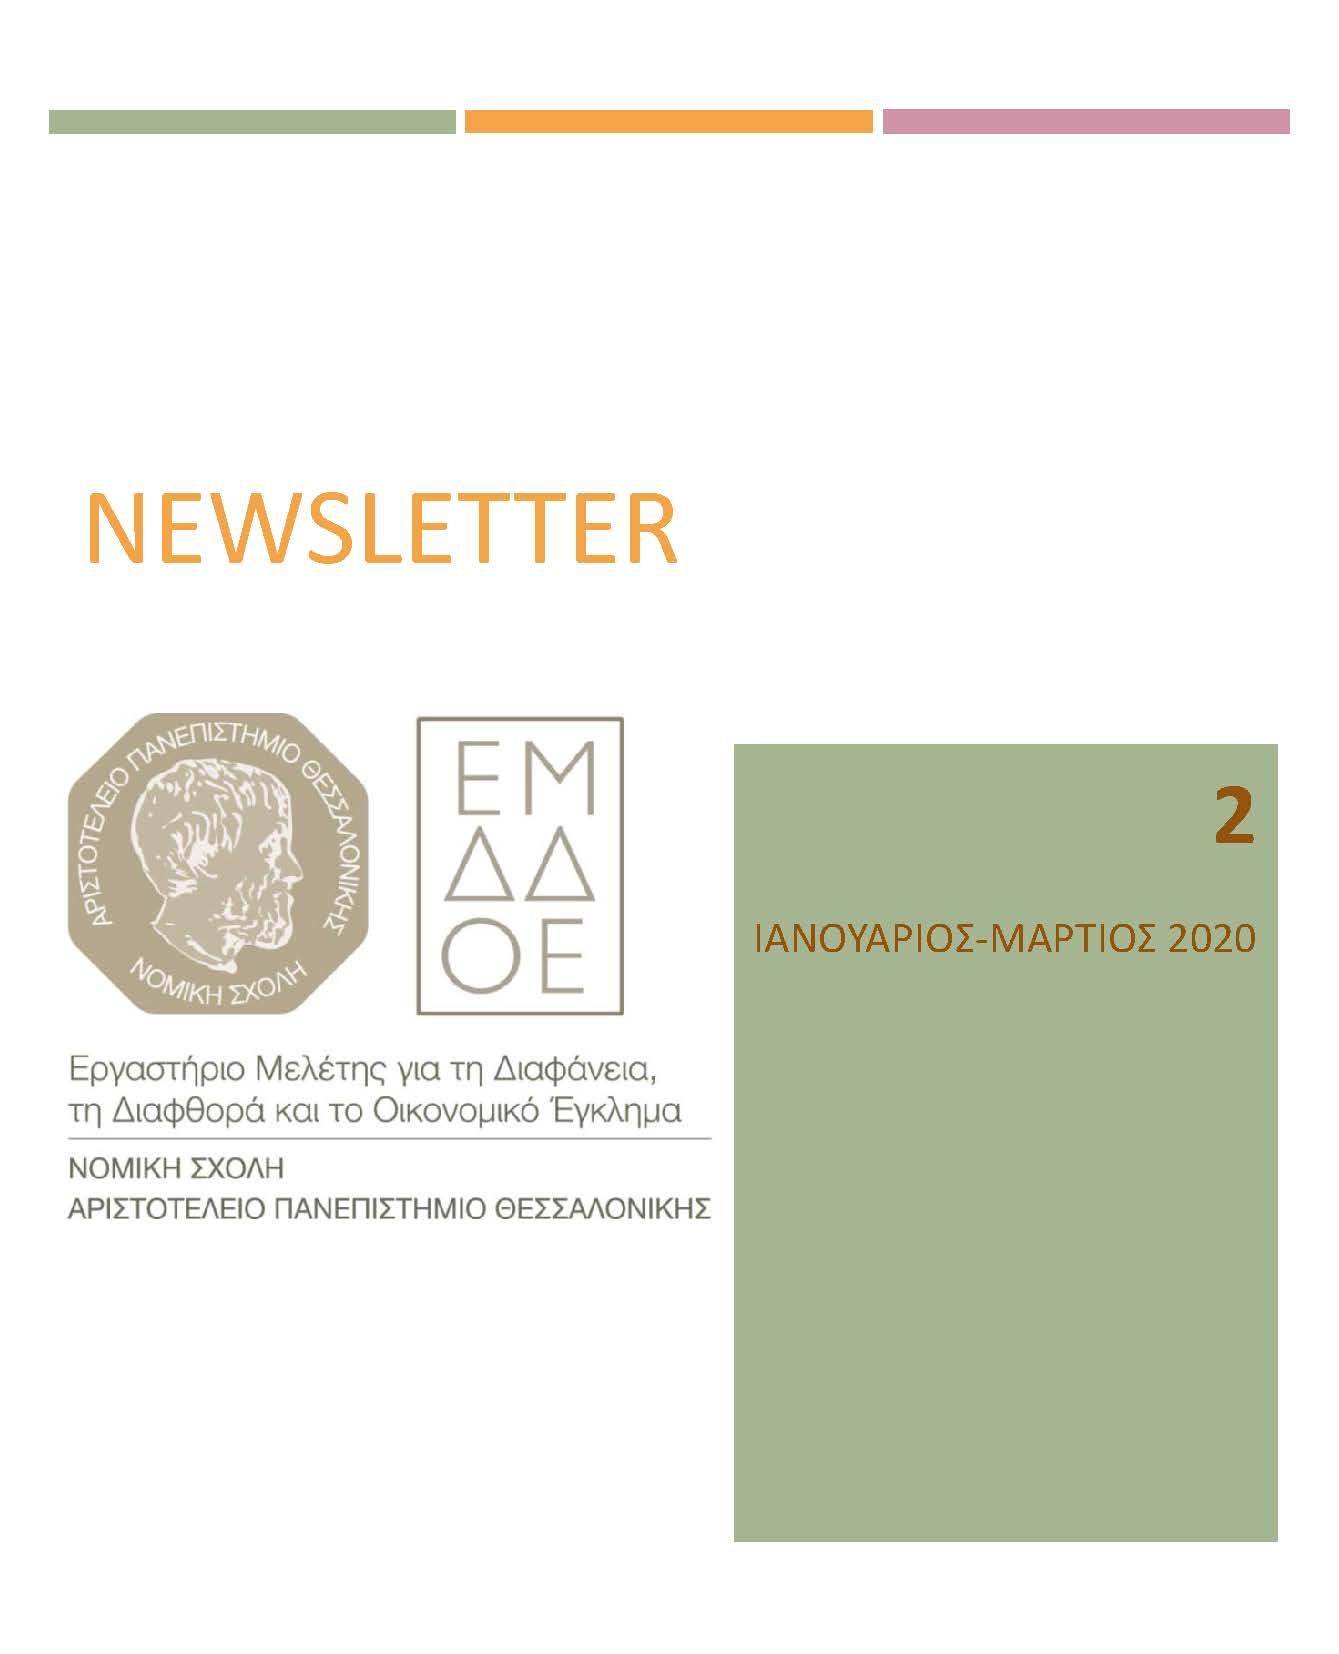 2ο Newsletter Εργαστηρίου Μελέτης για τη Διαφάνεια, τη Διαφθορά και το Οικονομικό Έγκλημα